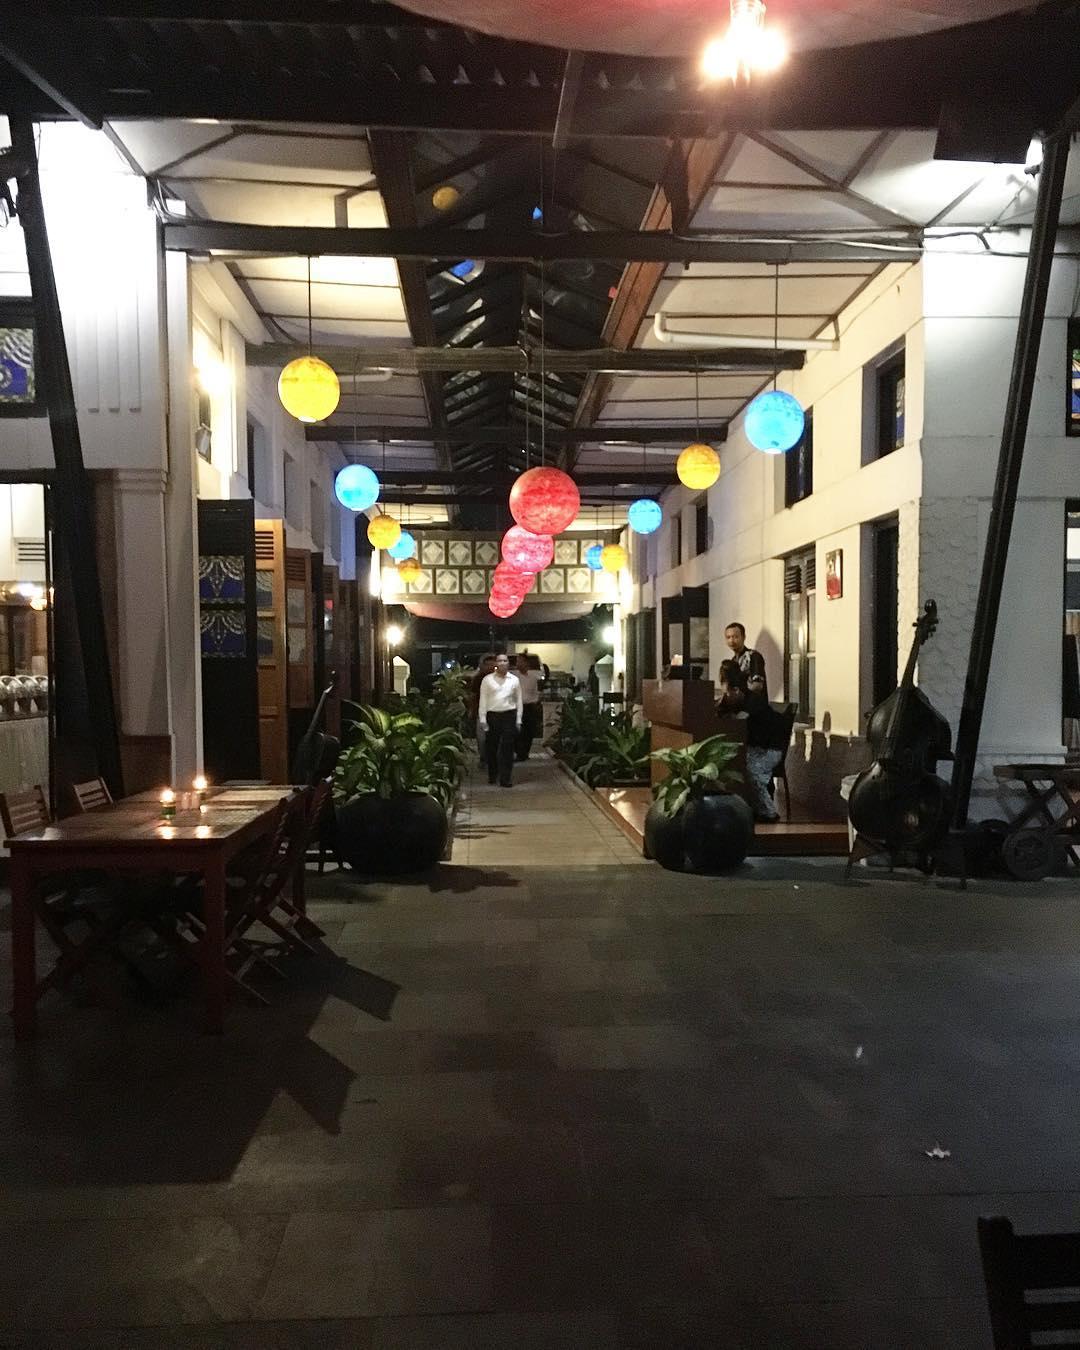 Omah Dhuwur Restaurant, Omah Dhuwur Restaurant Yogyakarta, Yogyakarta, Dolan Dolen, Dolaners Omah Dhuwur Restaurant via omahdhuwurjogja - Dolan Dolen